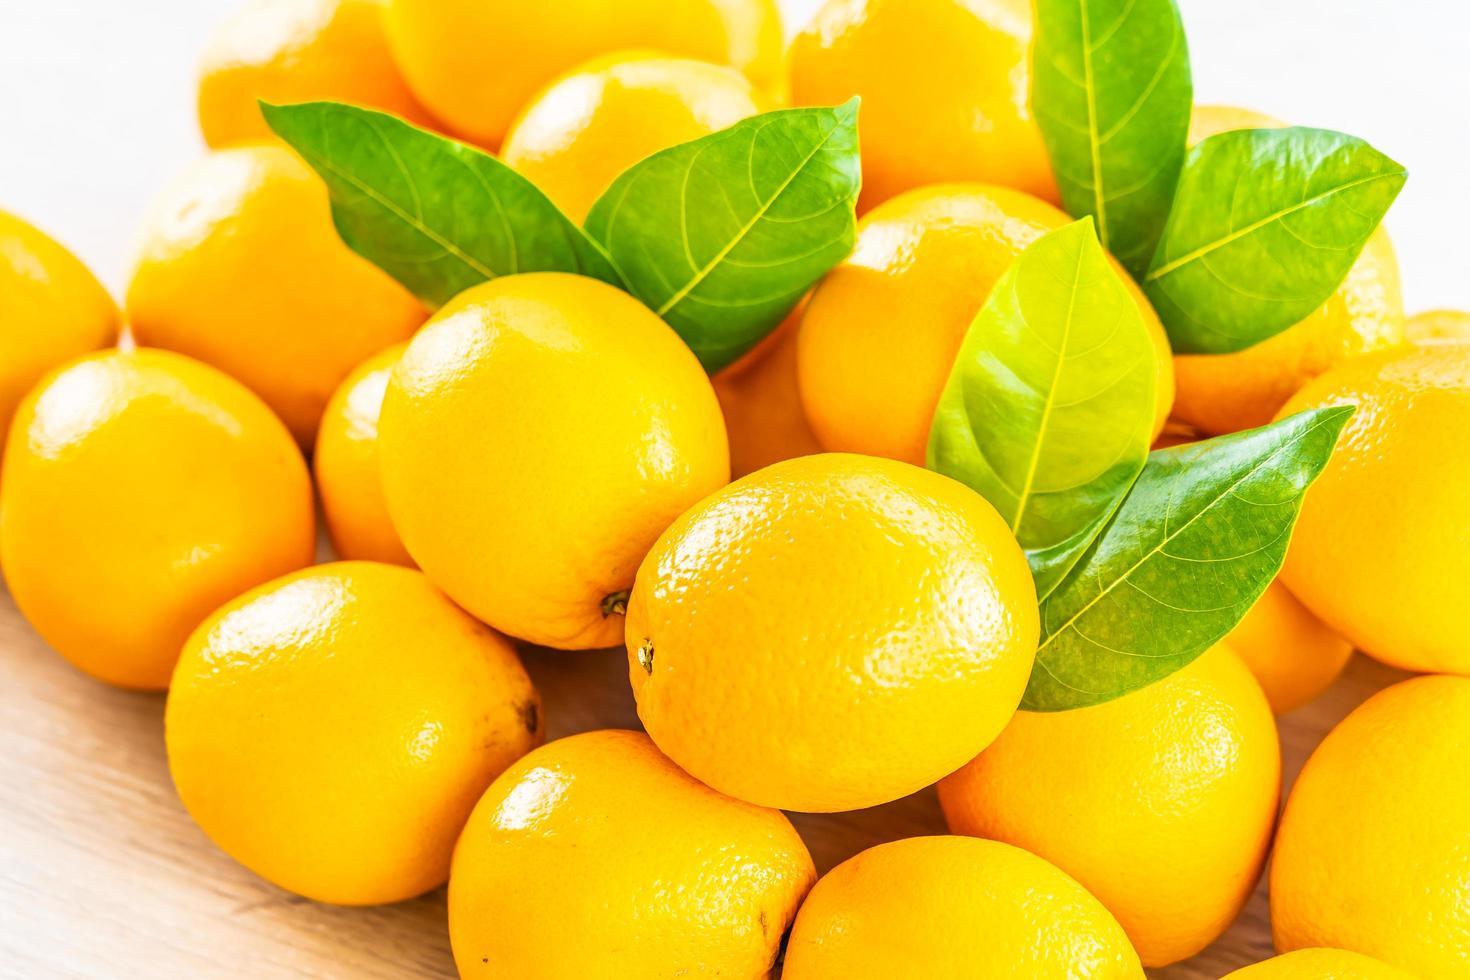 verse sinaasappelen op een houten tafel foto